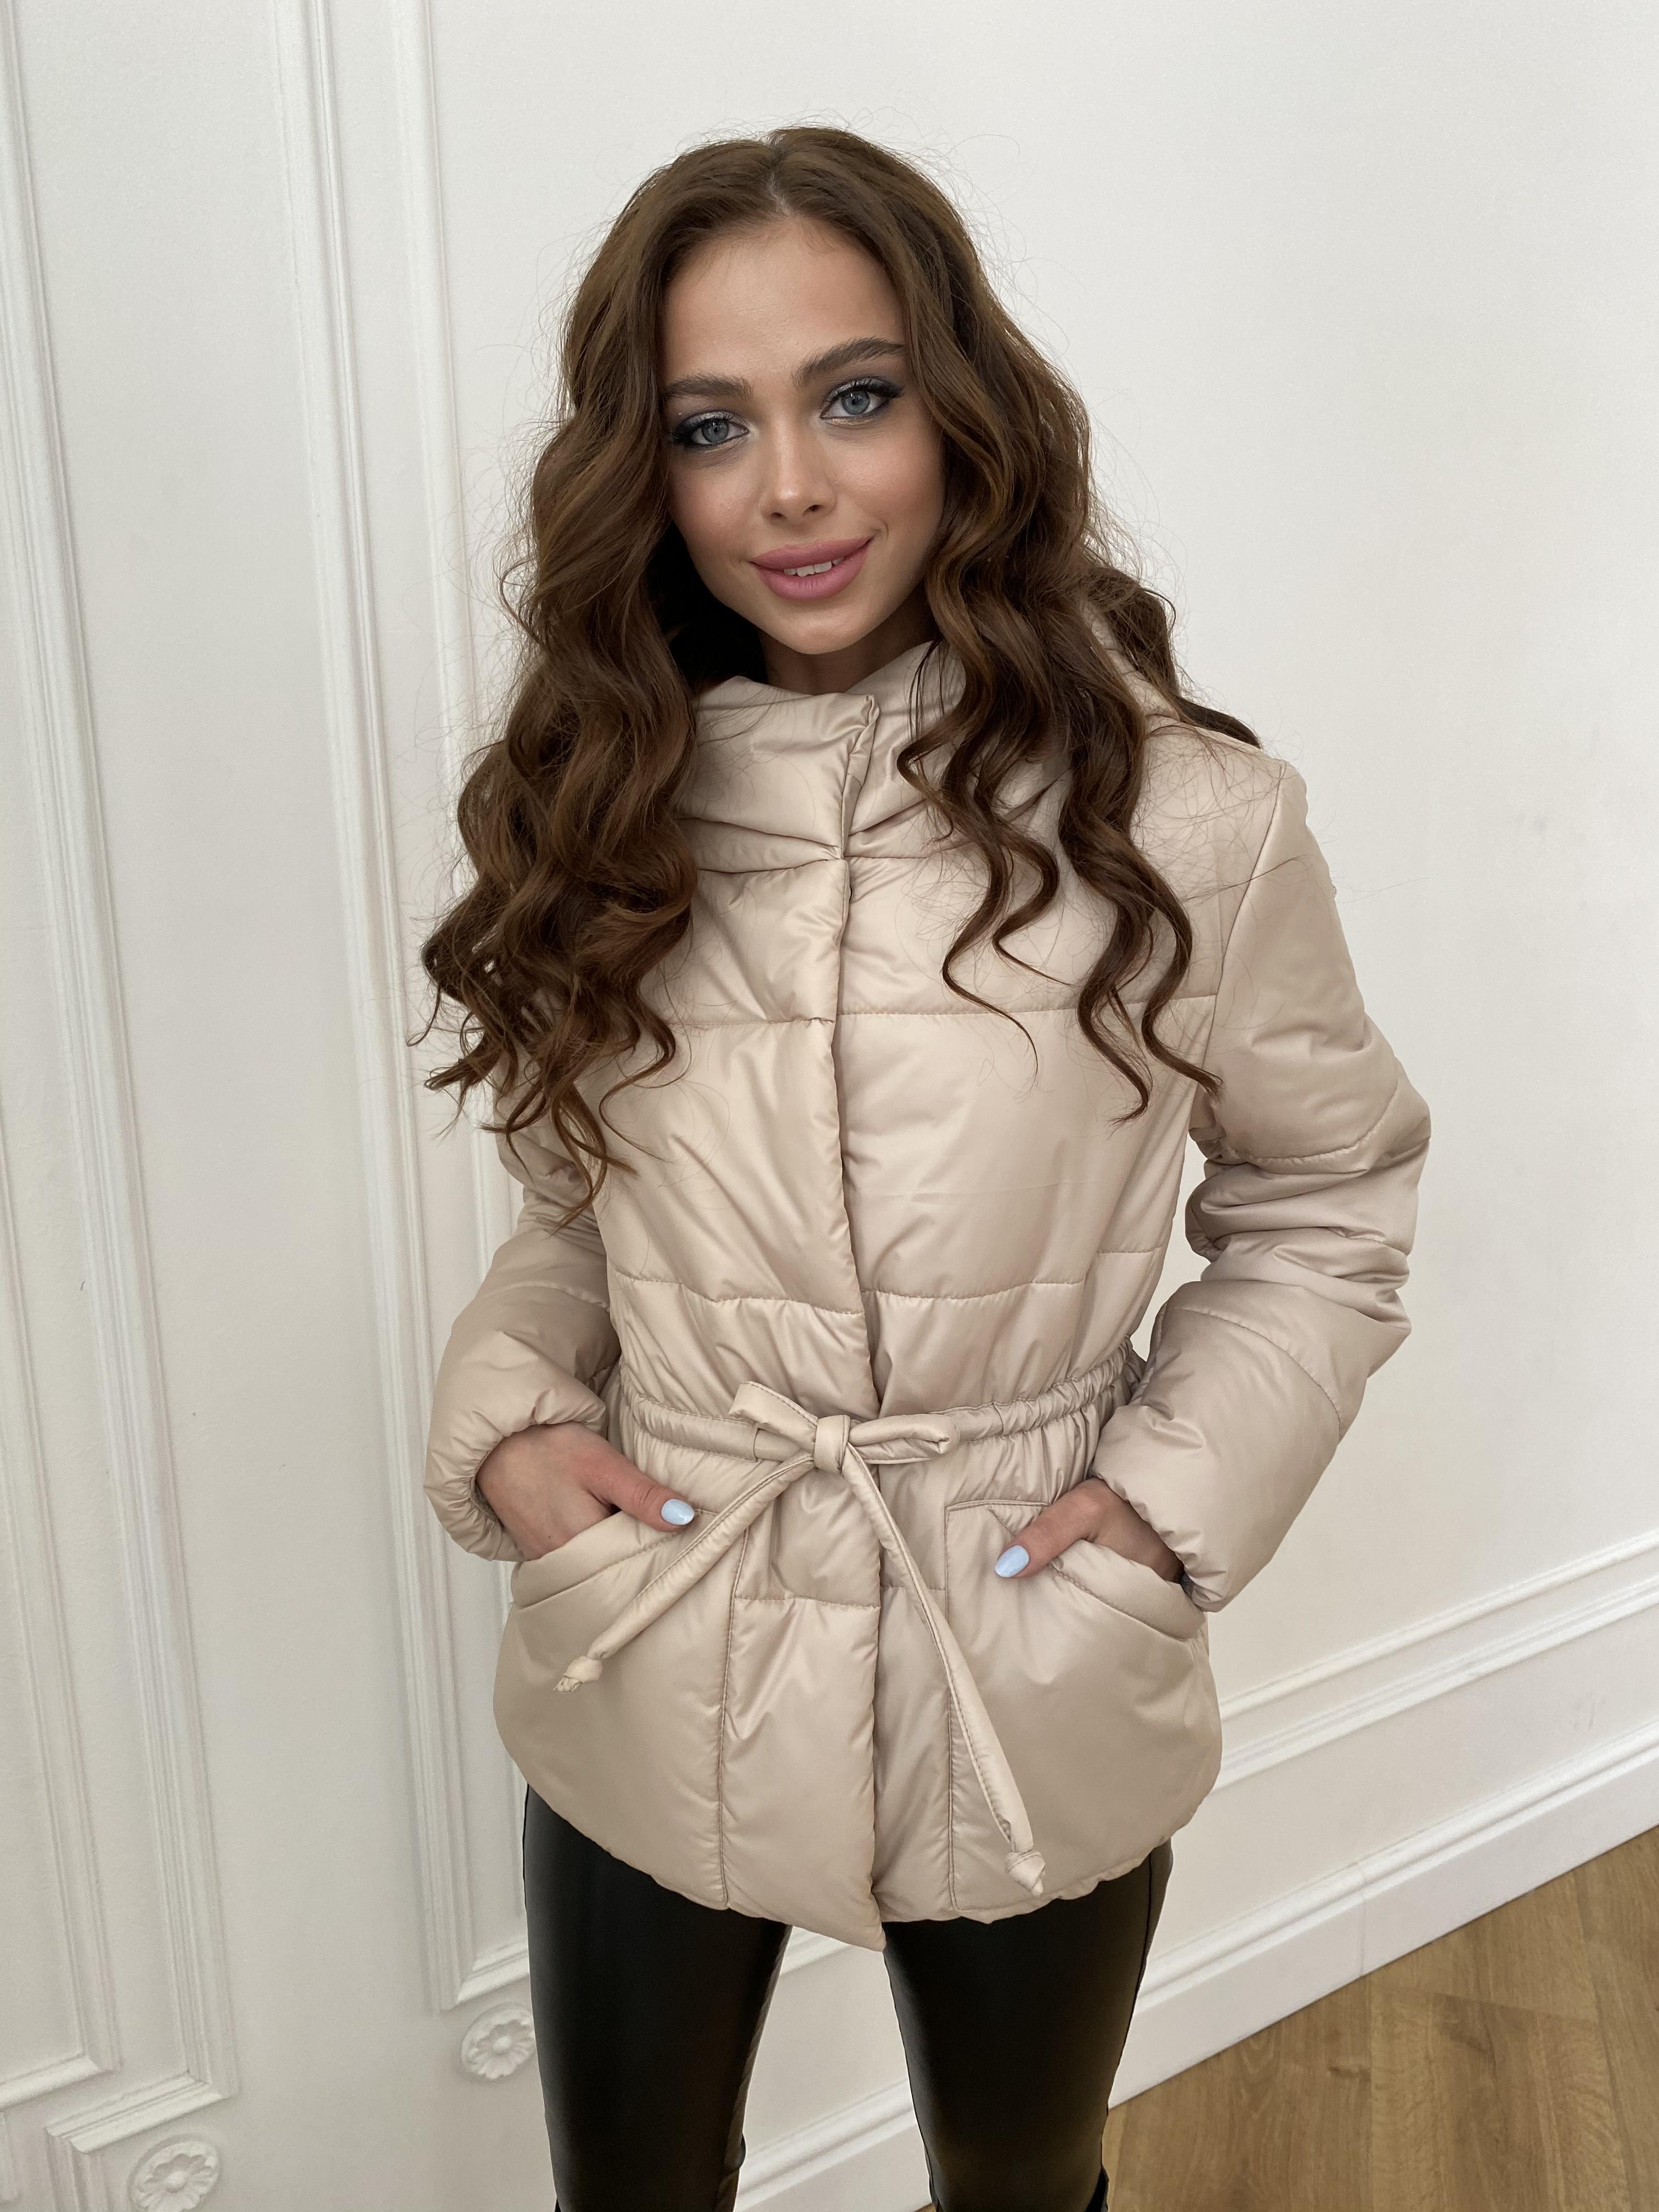 Пино куртка из плащевой ткани 10489 АРТ. 47391 Цвет: Бежевый - фото 7, интернет магазин tm-modus.ru